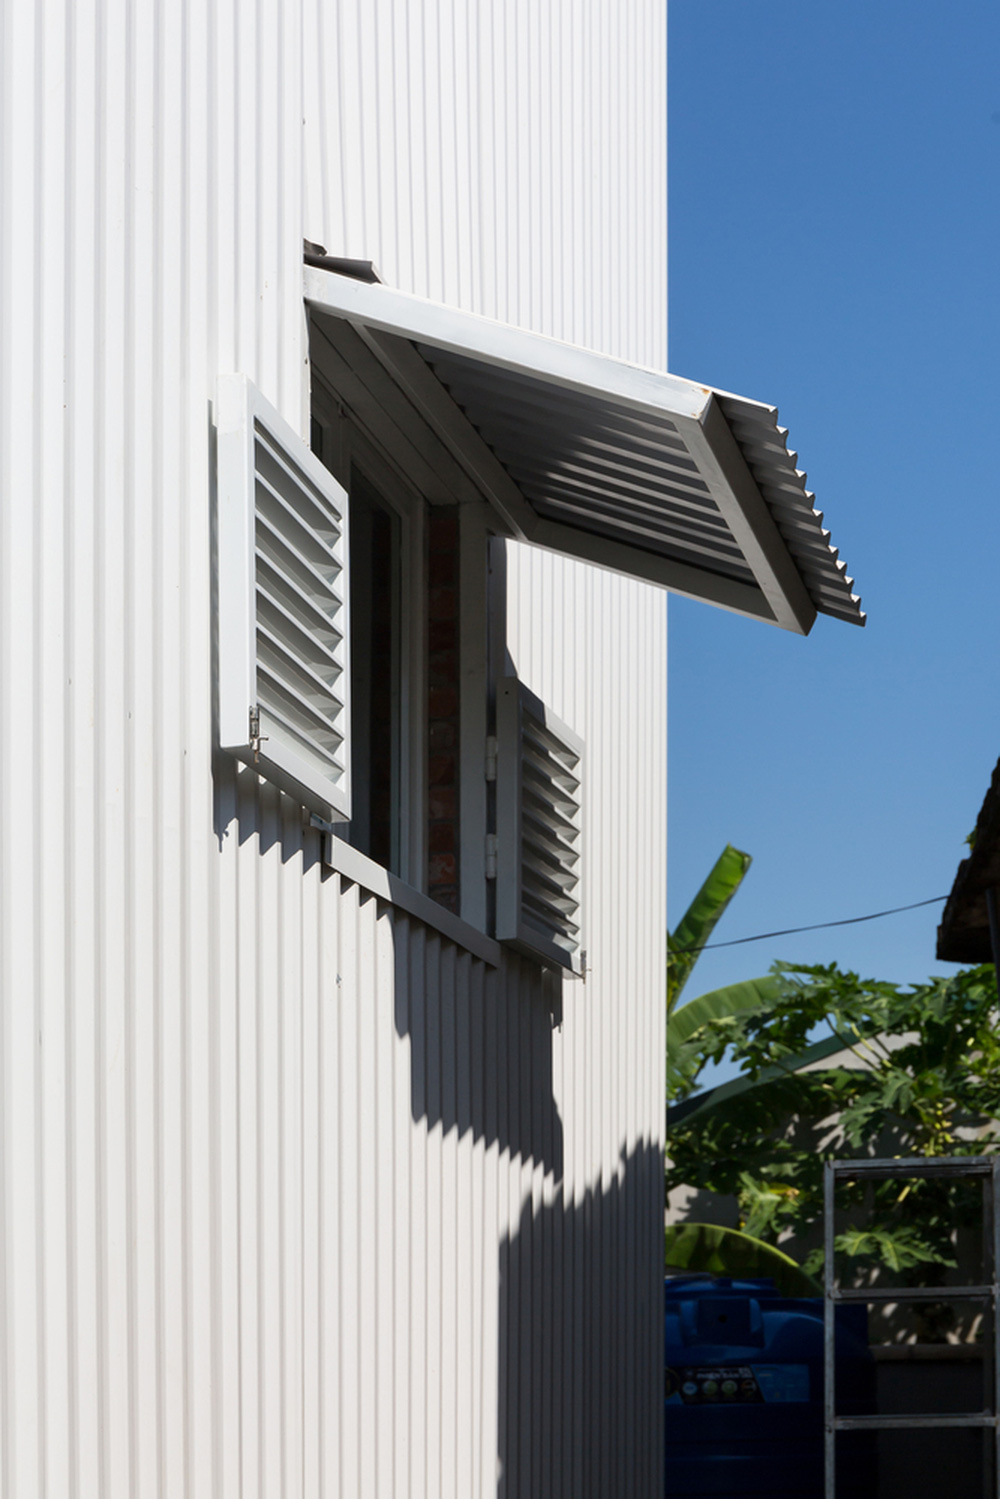 Ngôi nhà chống lũ bằng khung thép chịu lực của Việt Nam lên báo Mỹ - Ảnh 11.